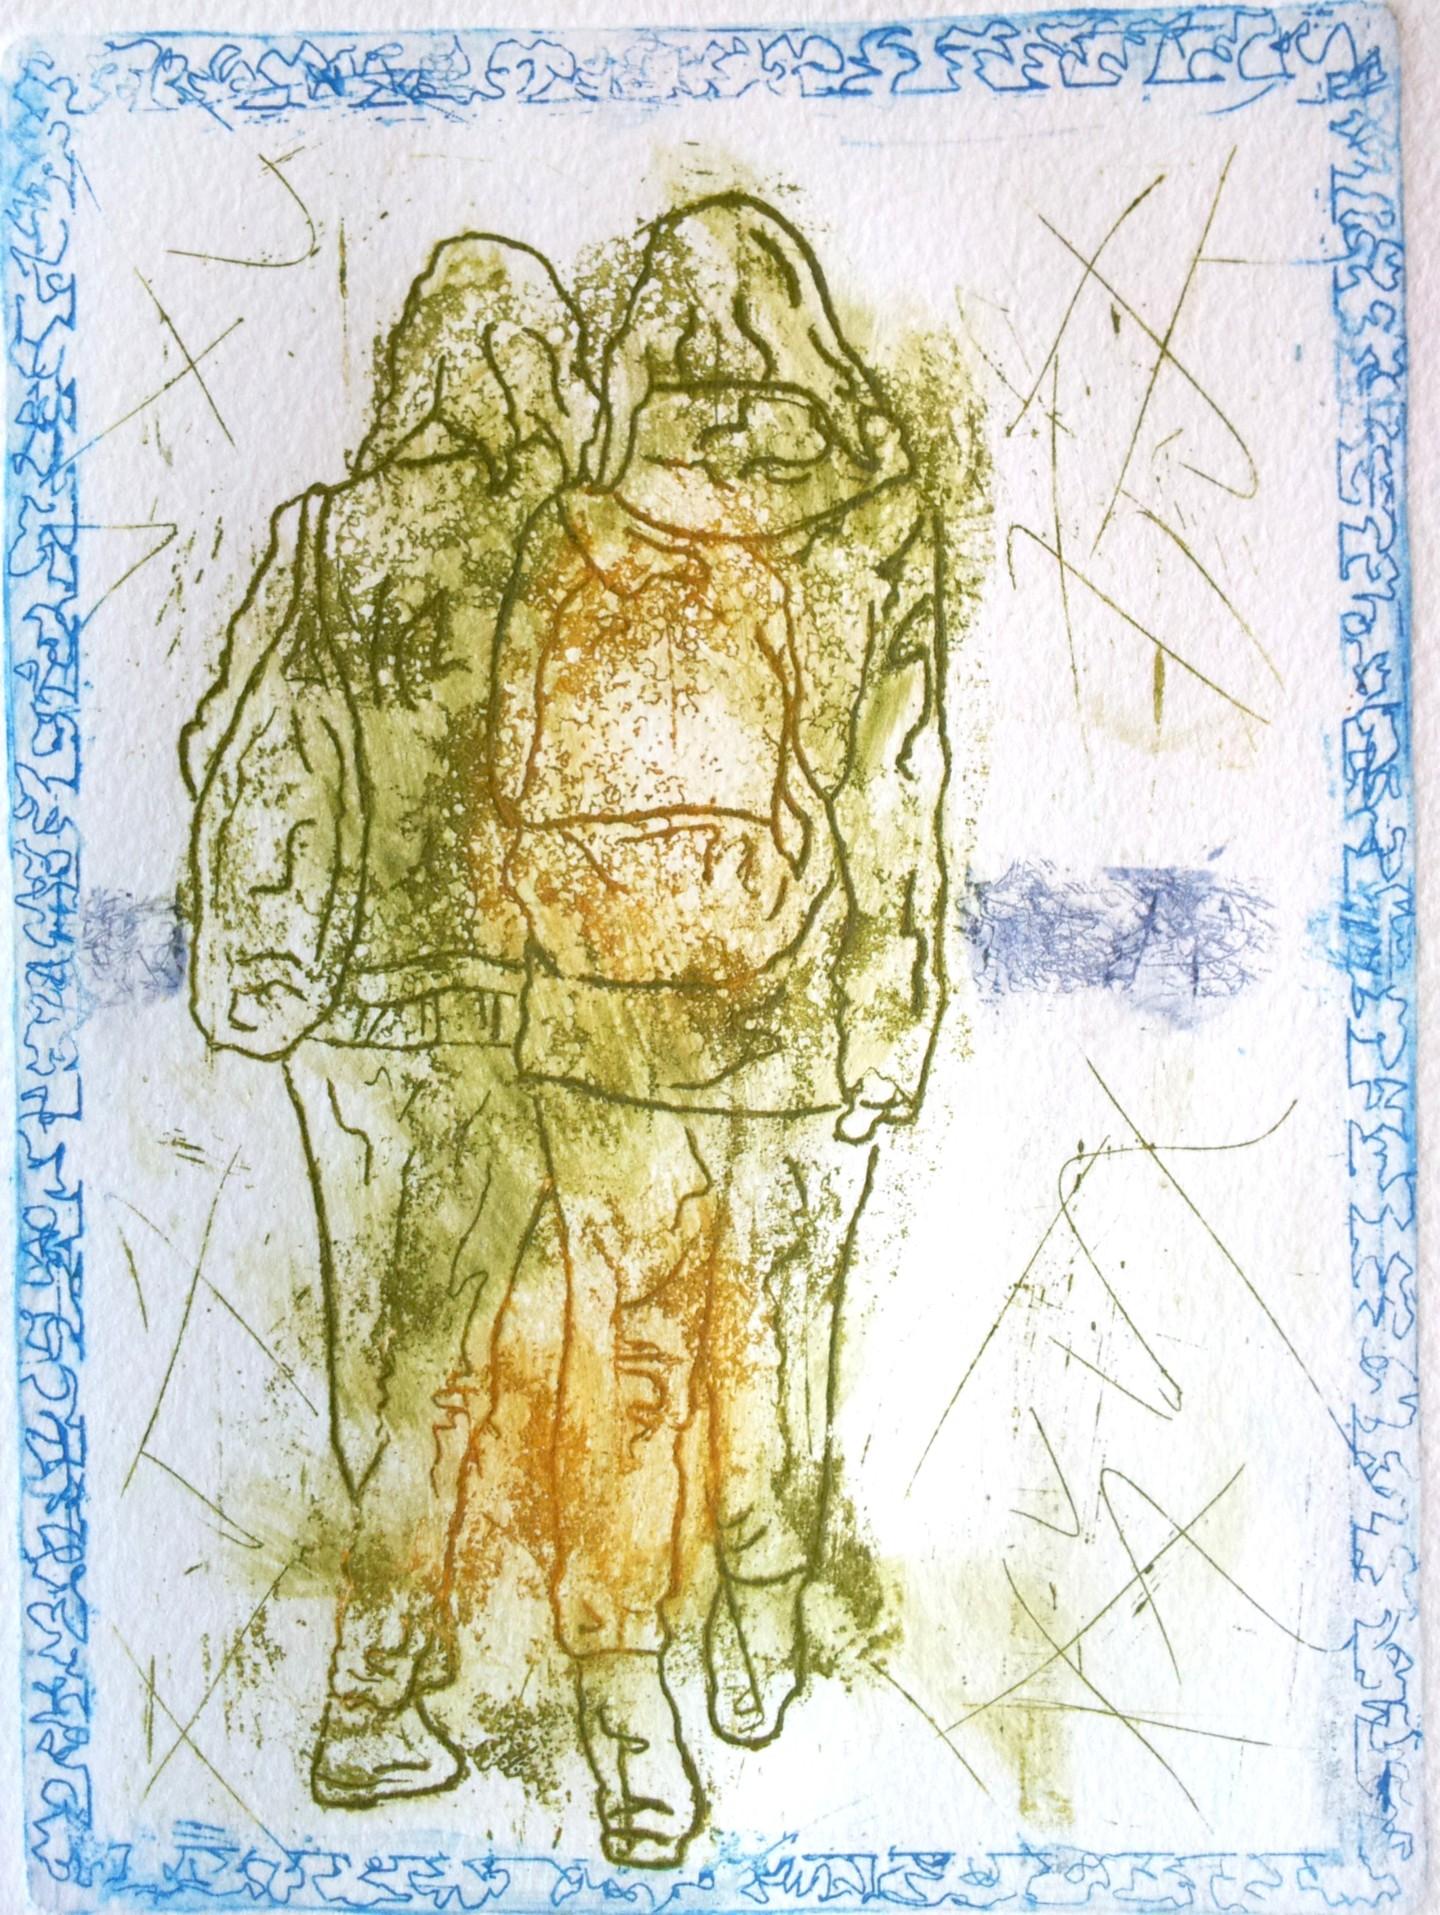 Rosemary Piolais - Piolais-les-deux-brunes-Gravure-19,7x14,5cm